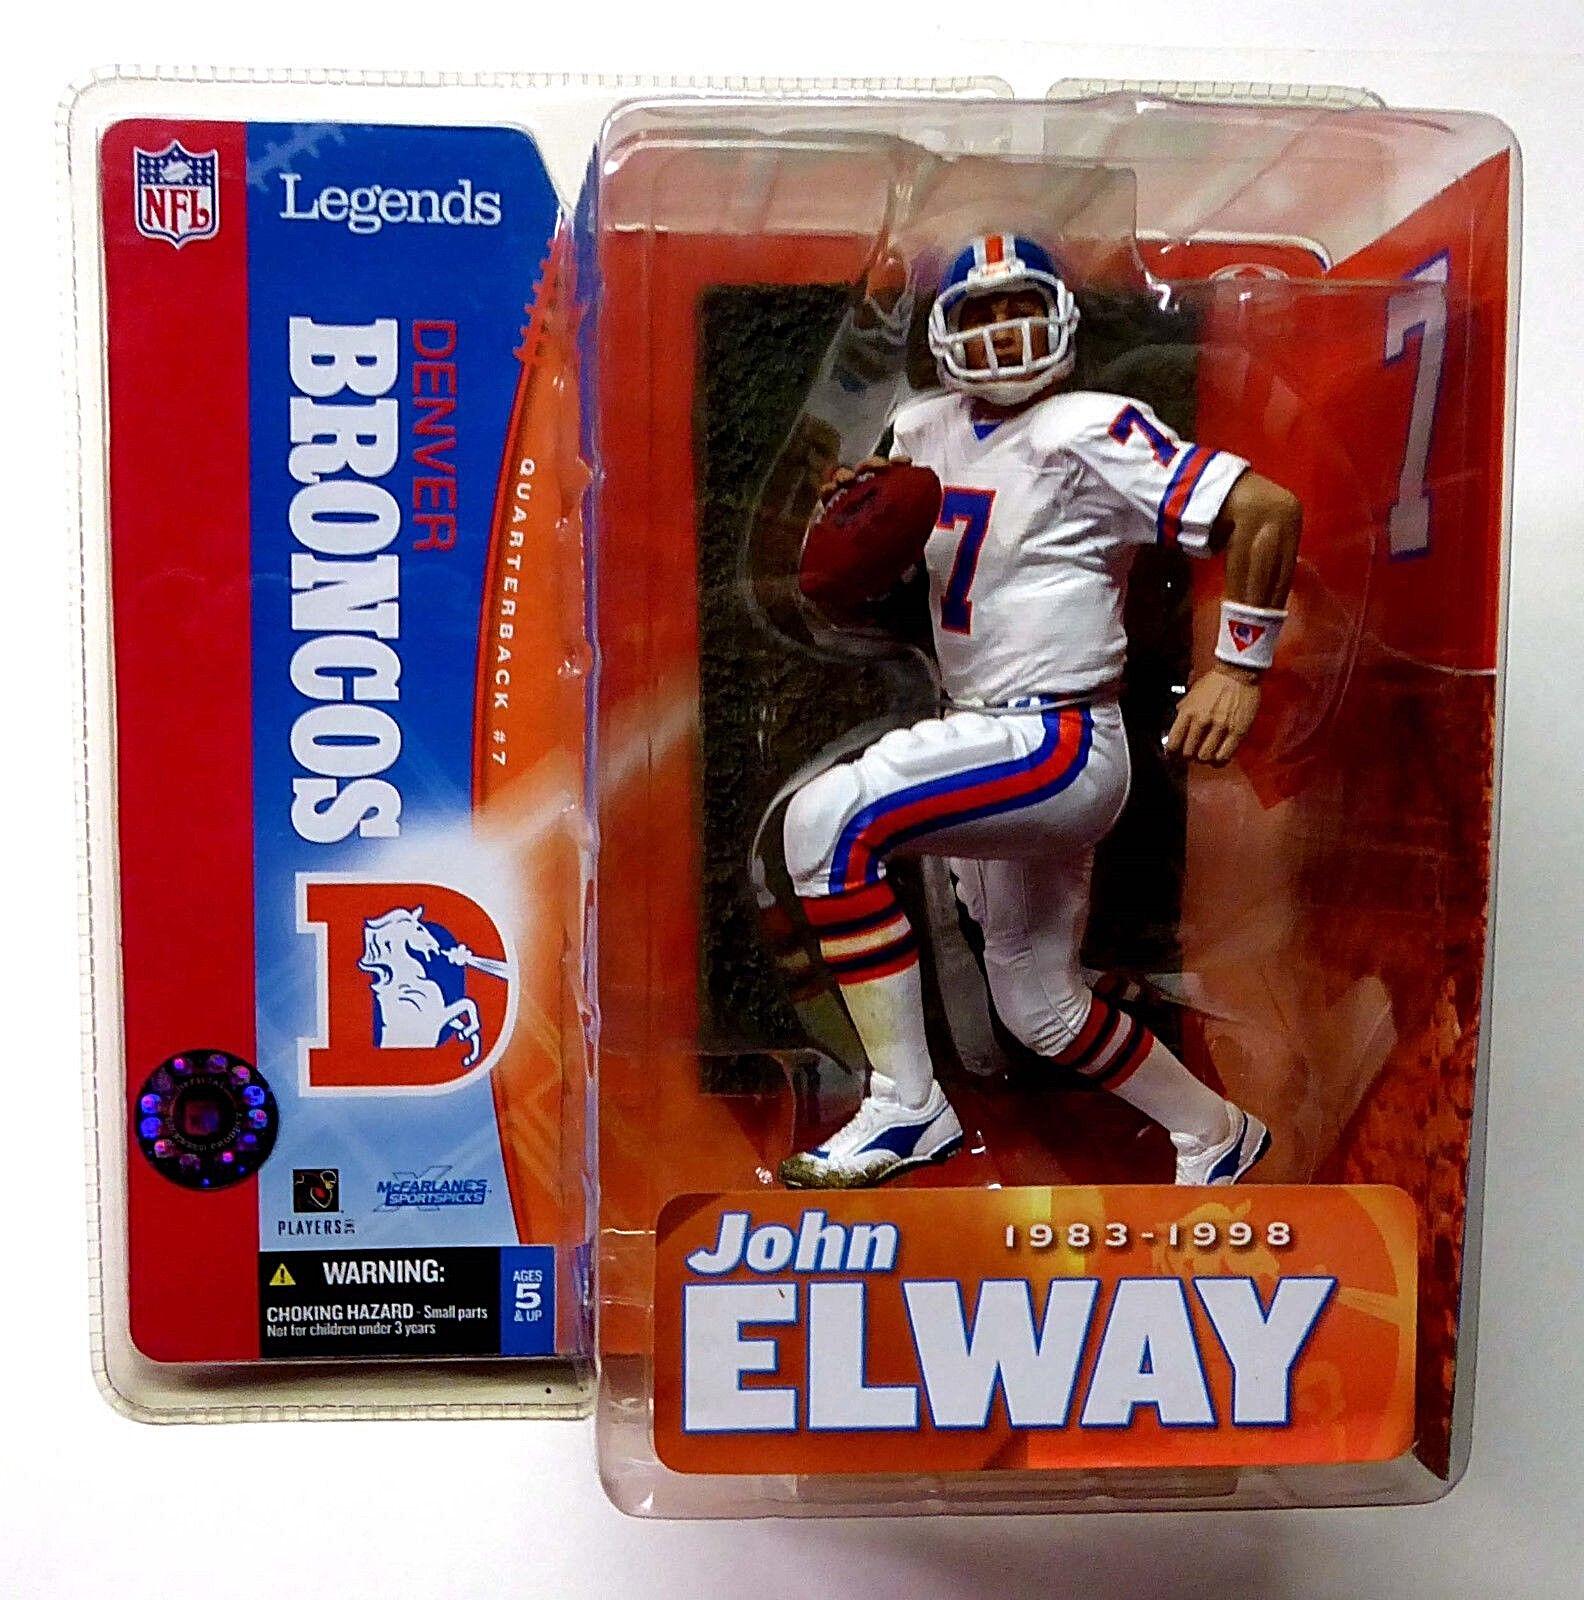 Denver Broncos John Elway NFL Legends Series  1 Variant McFarlane Sports nuovo 2005  ordinare on-line